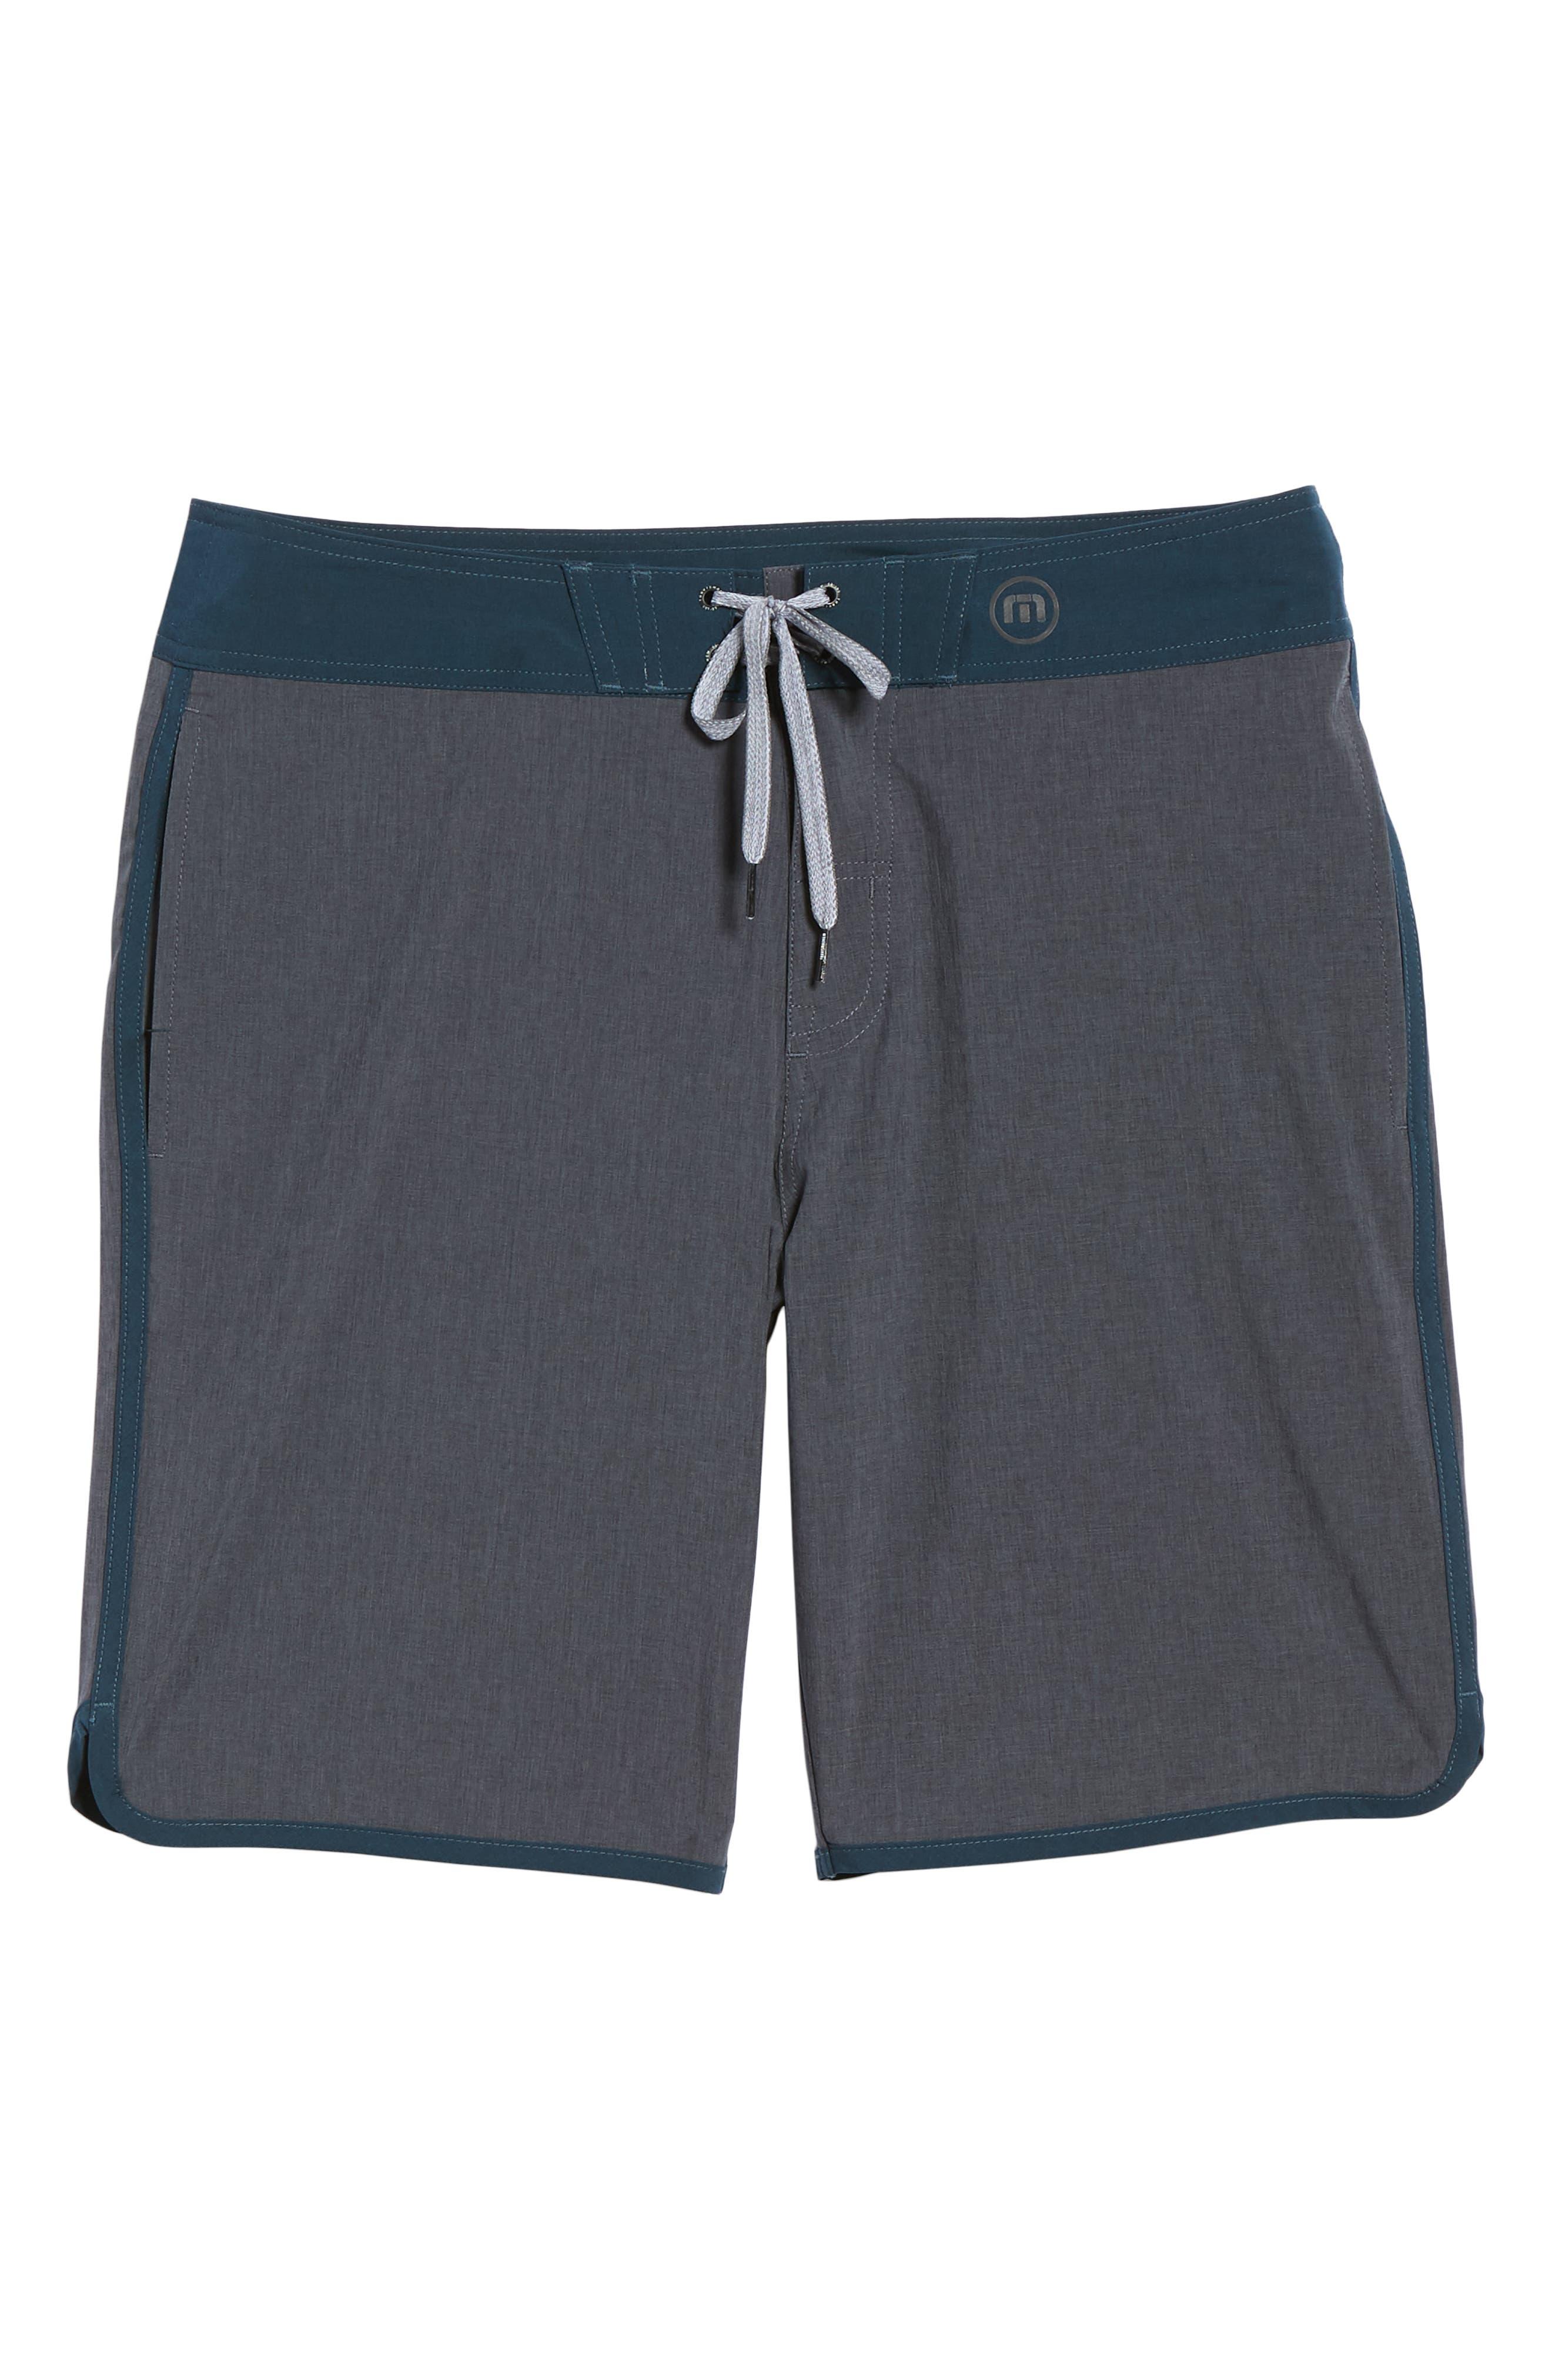 Yoni Hybrid Shorts,                             Alternate thumbnail 6, color,                             HEATHER BLACK